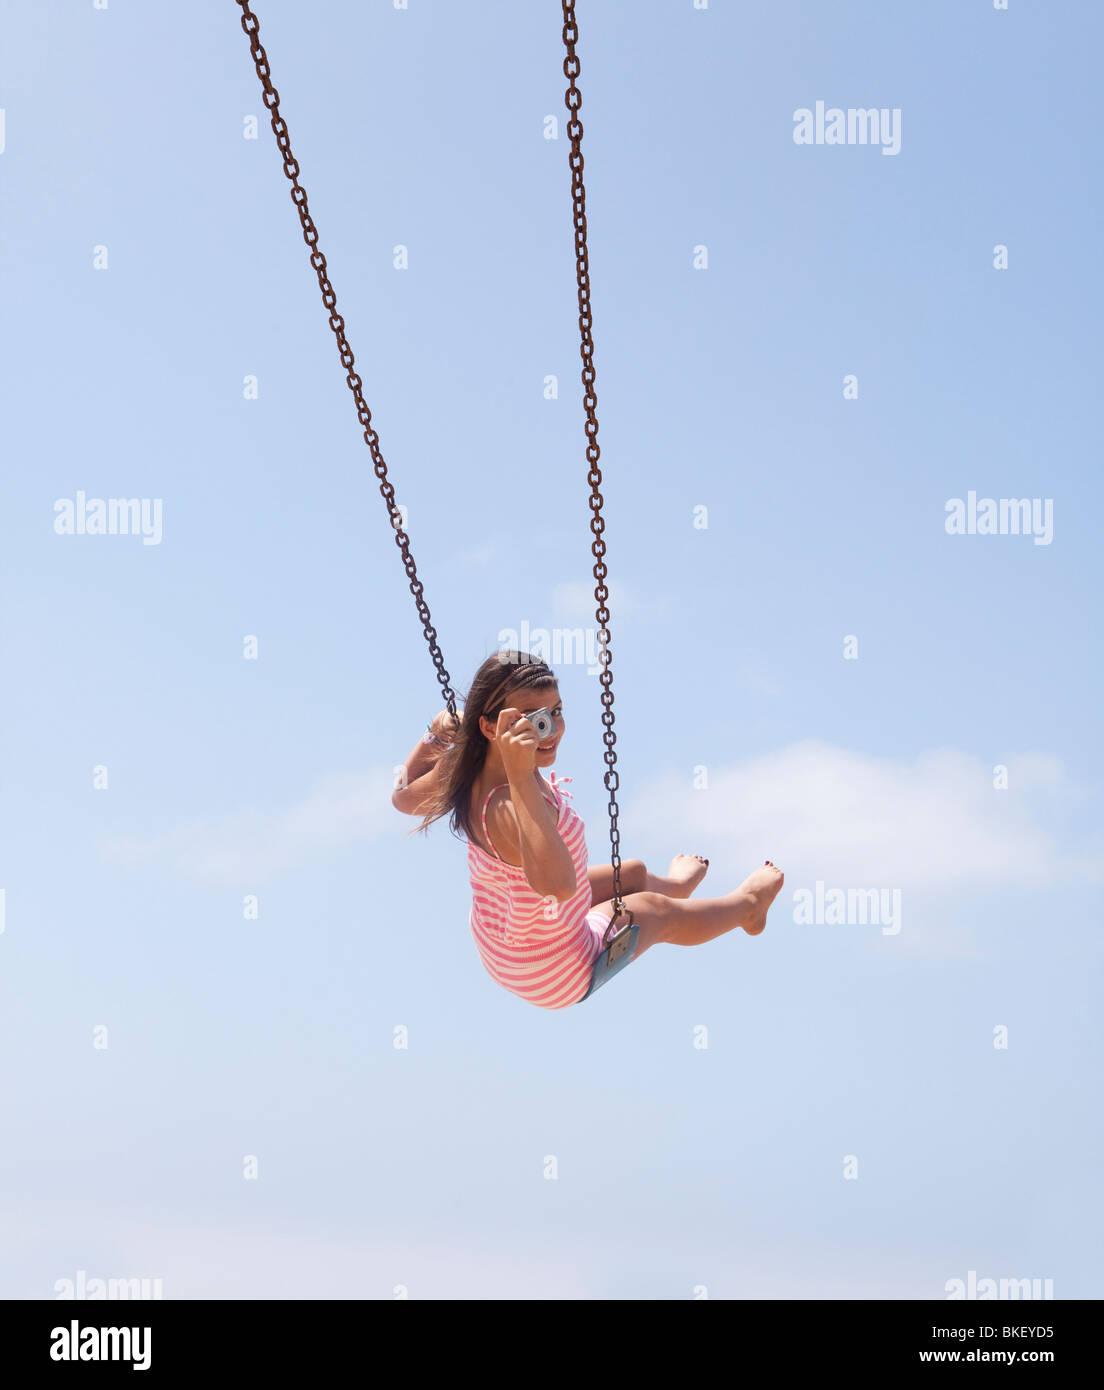 Mädchen unter Bild von swing Stockbild